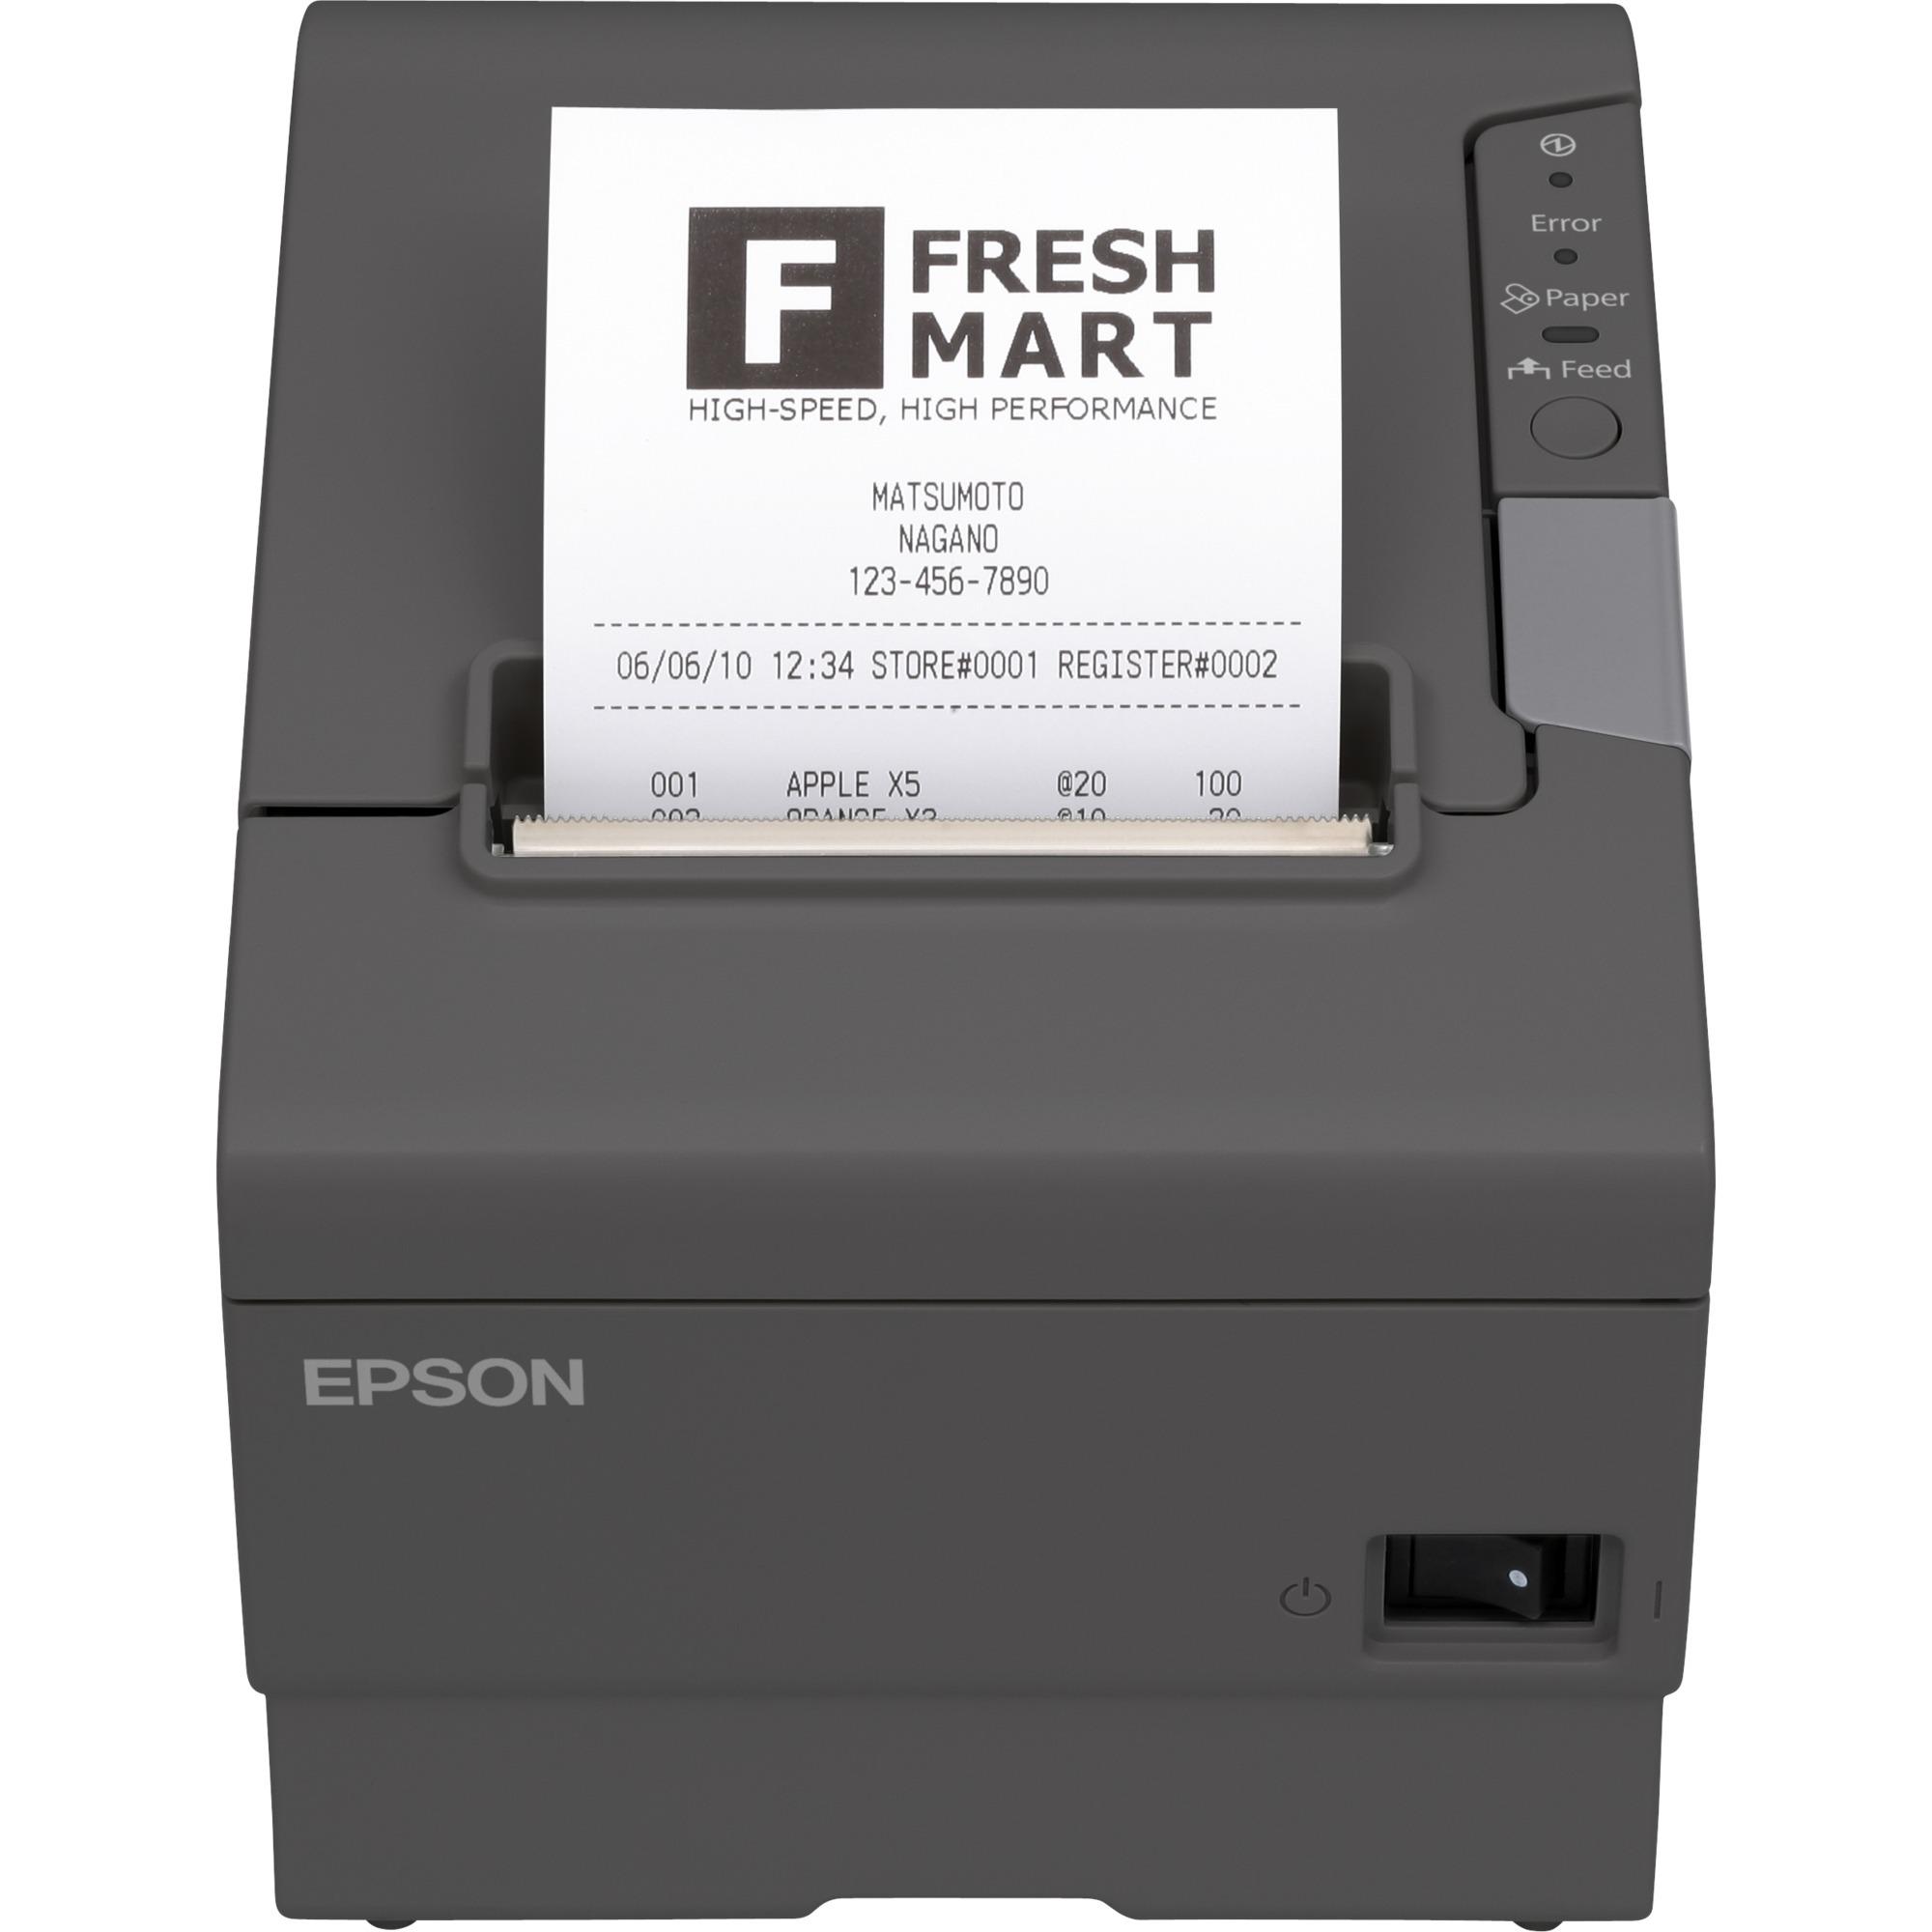 TM-T88V (041): Serial, w/o PS, EDG, Impresora de tickets